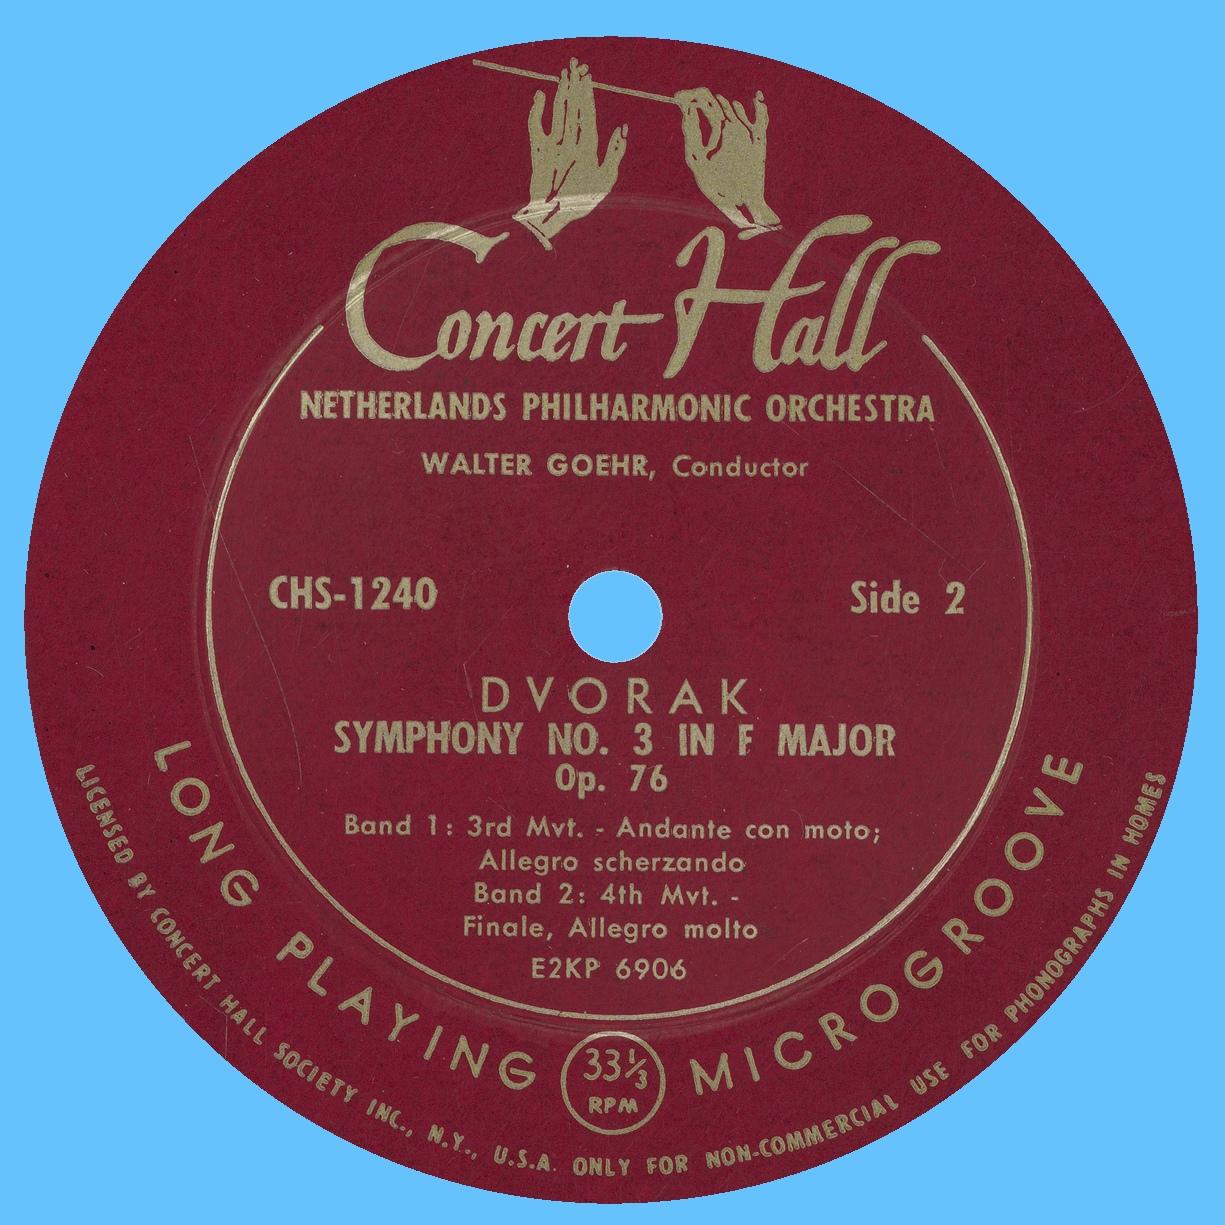 Étiquette verso du disque Concert Hall CH 1240